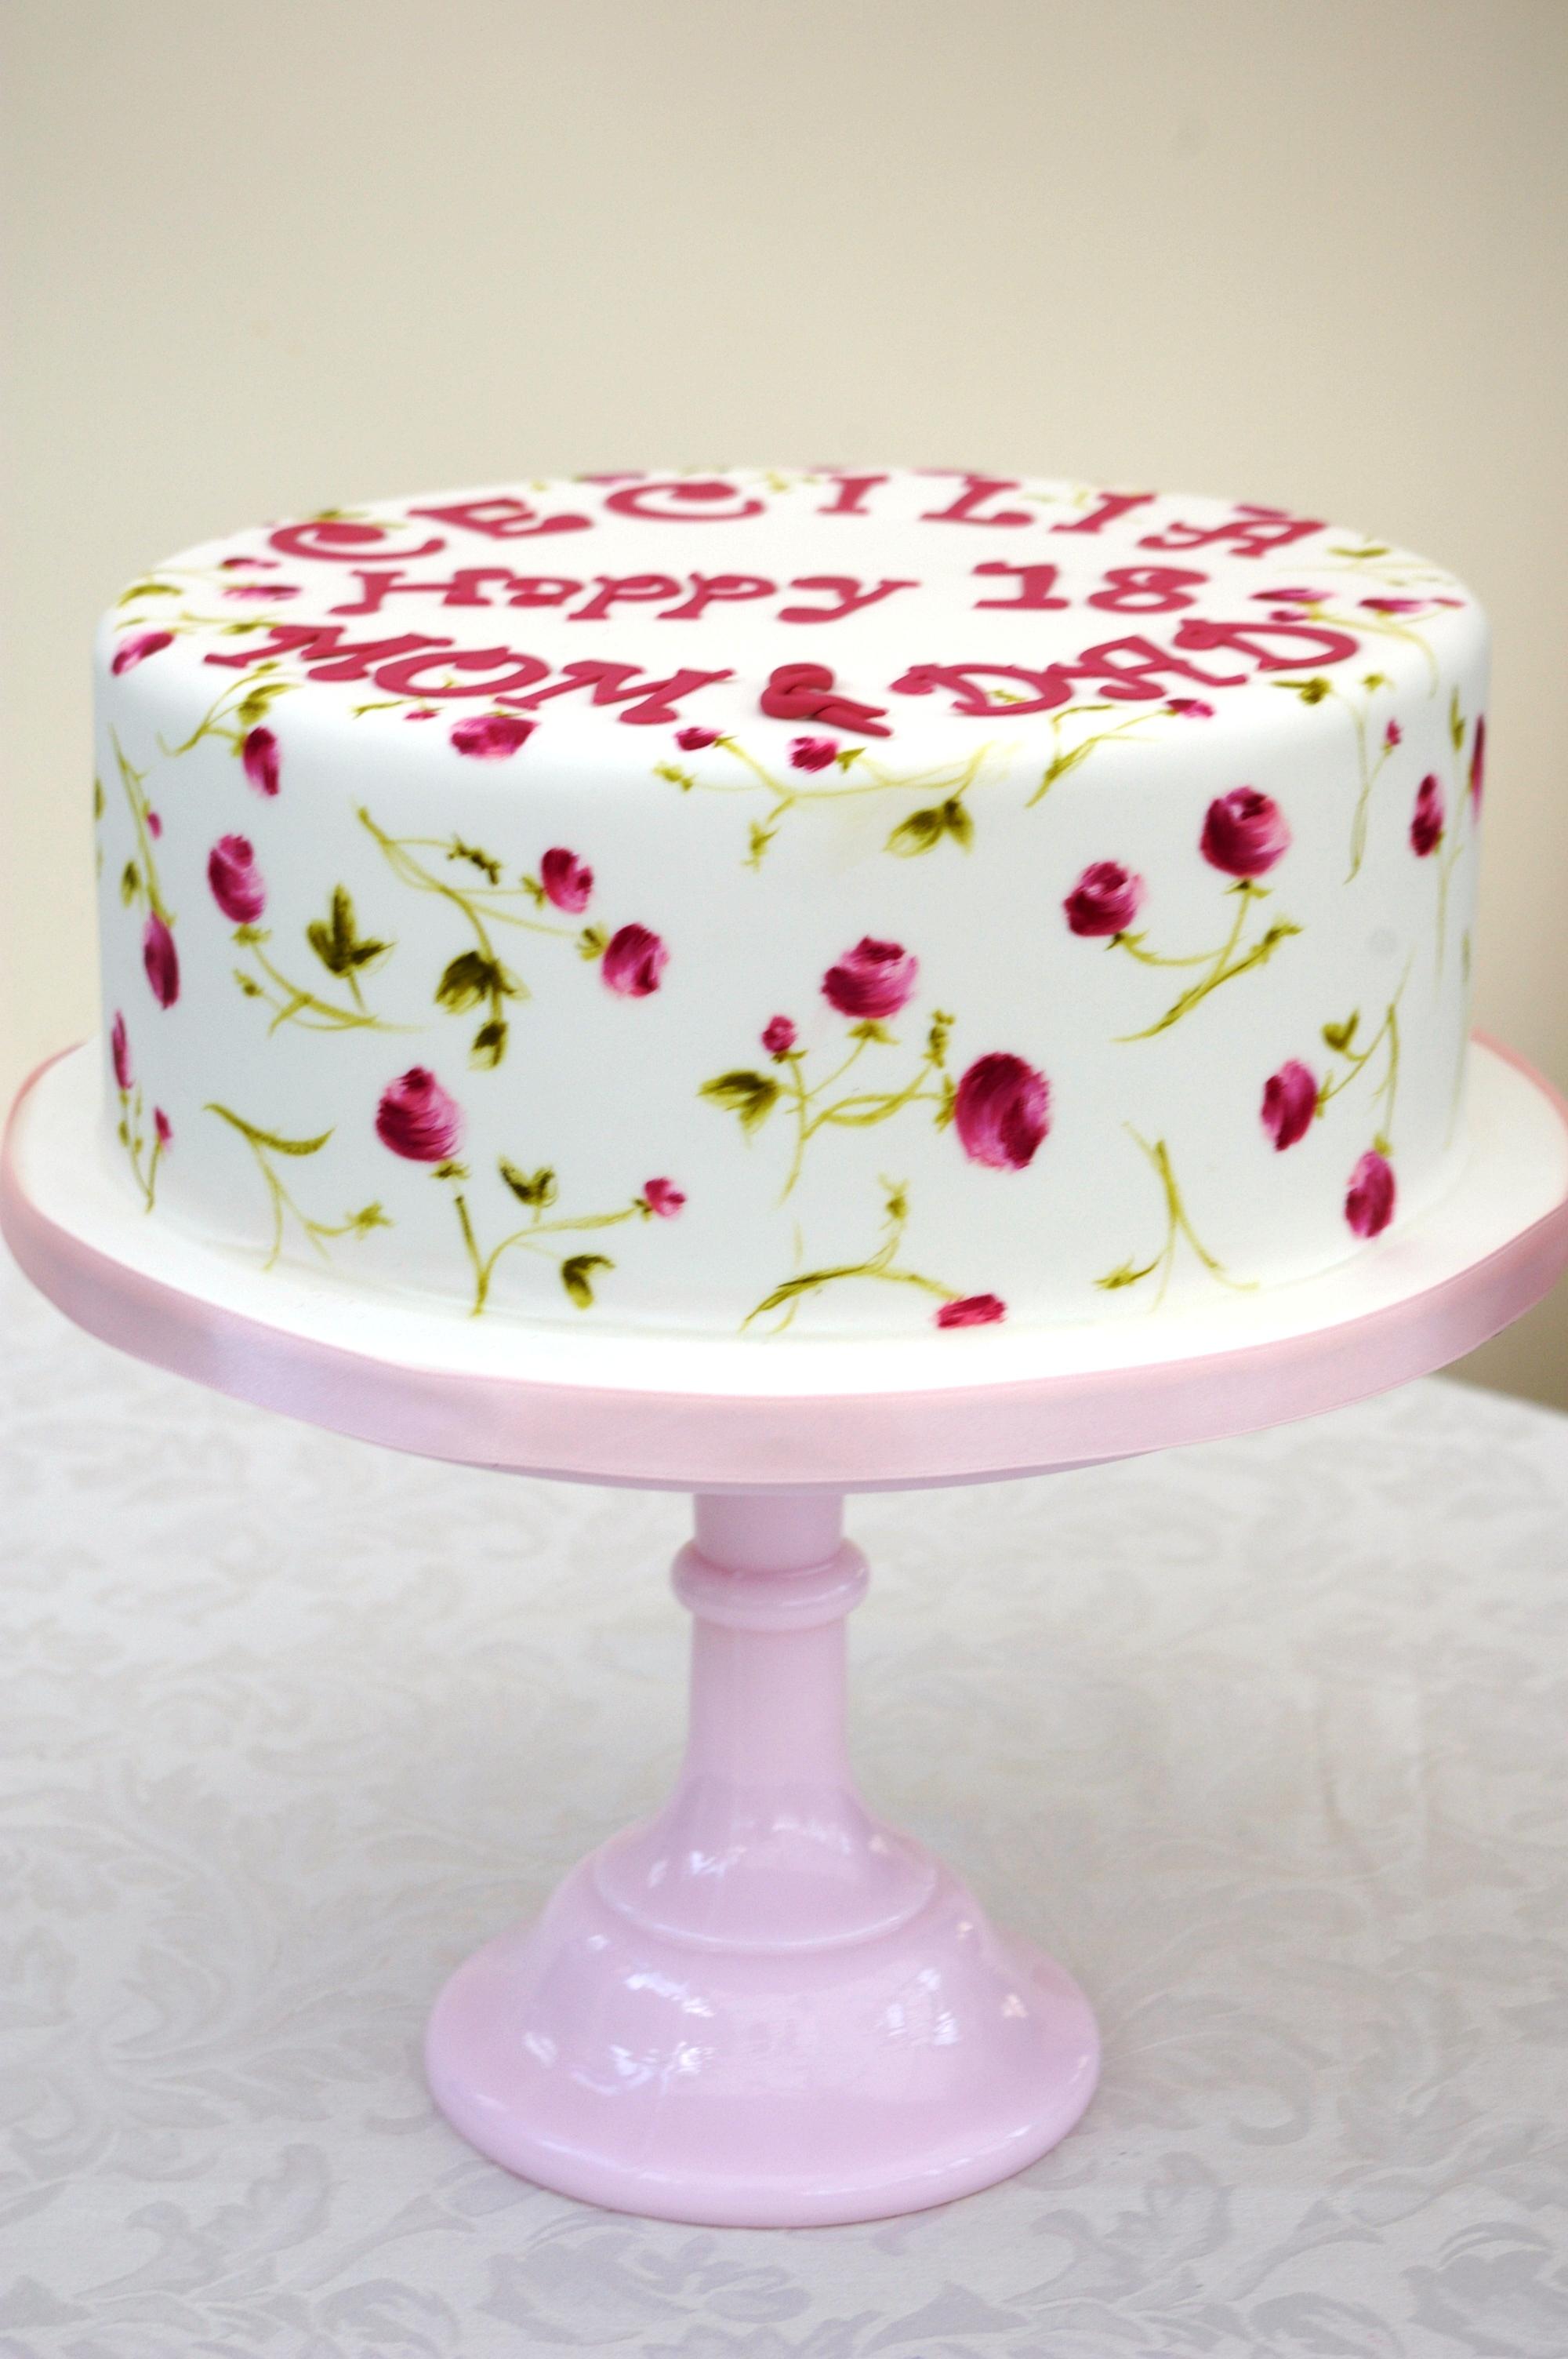 flora-cecilia-cake-014